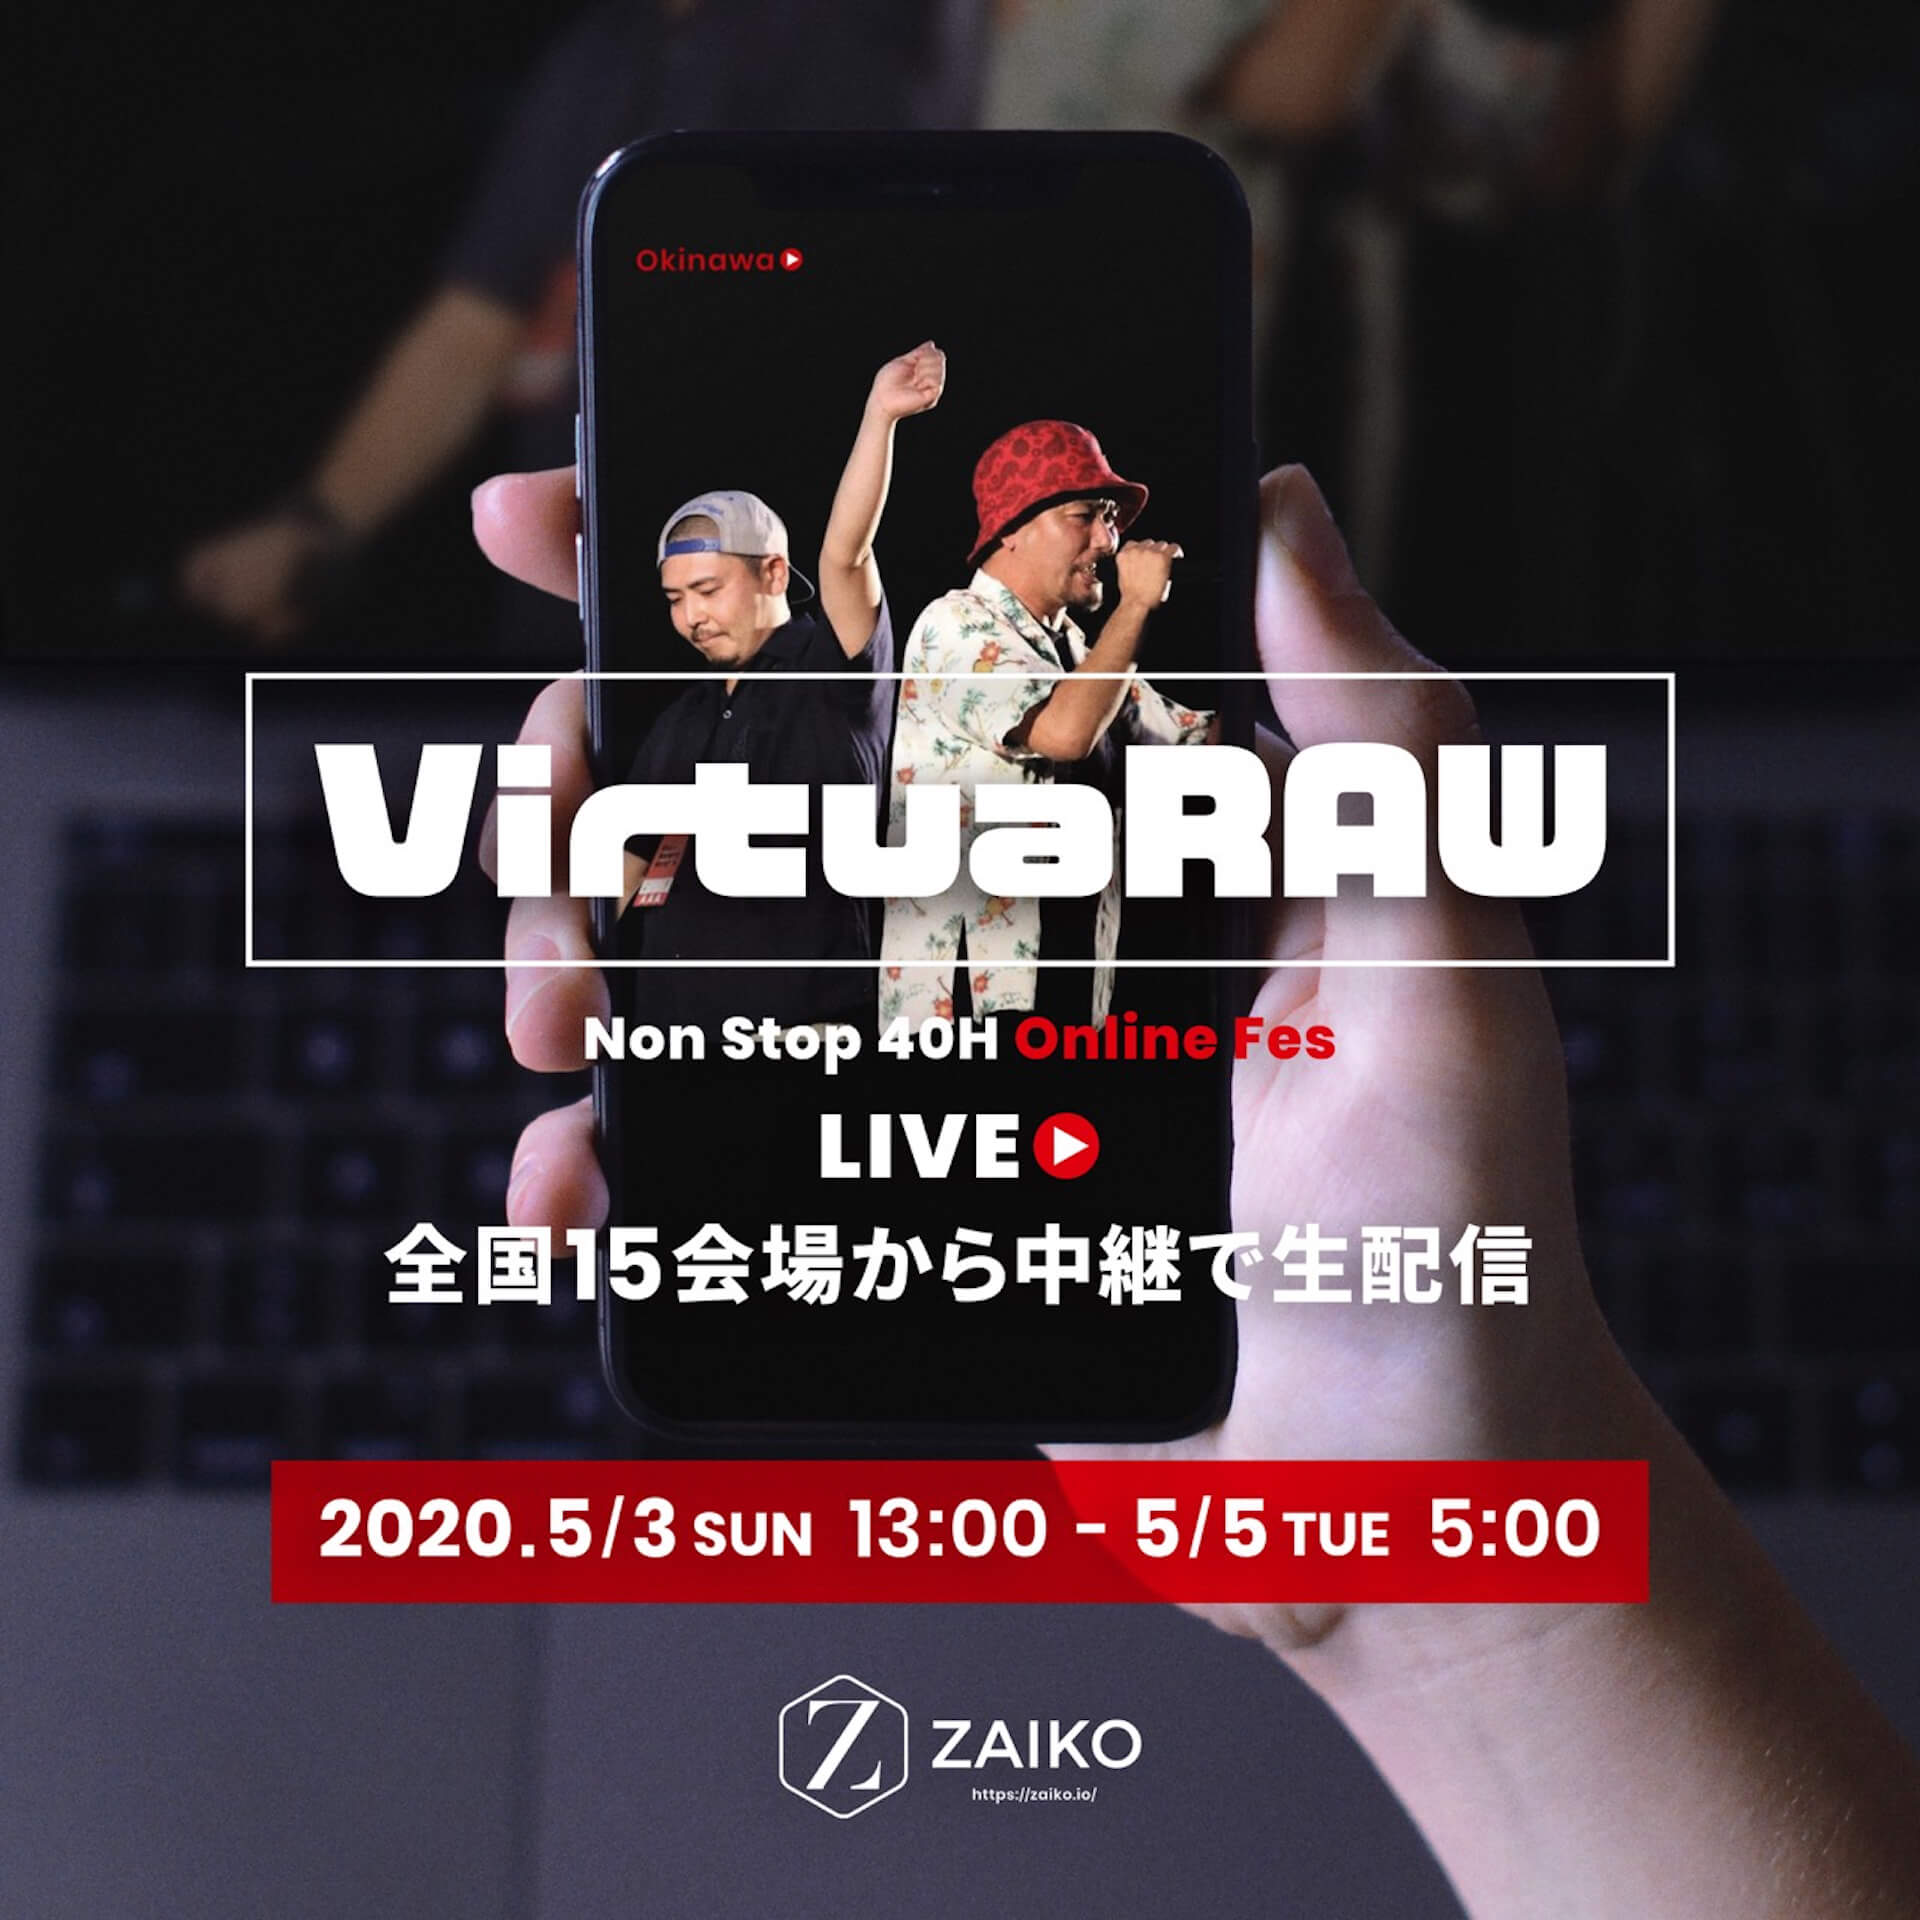 40時間配信で全国の会場をつなぐオンラインフェス「VirtuaRAW」が初開催|DLiP RECORDS、K-BOMB、KOJOE、OMSB&Hi'Specら50組以上が登場 music200502-virtualraw-2